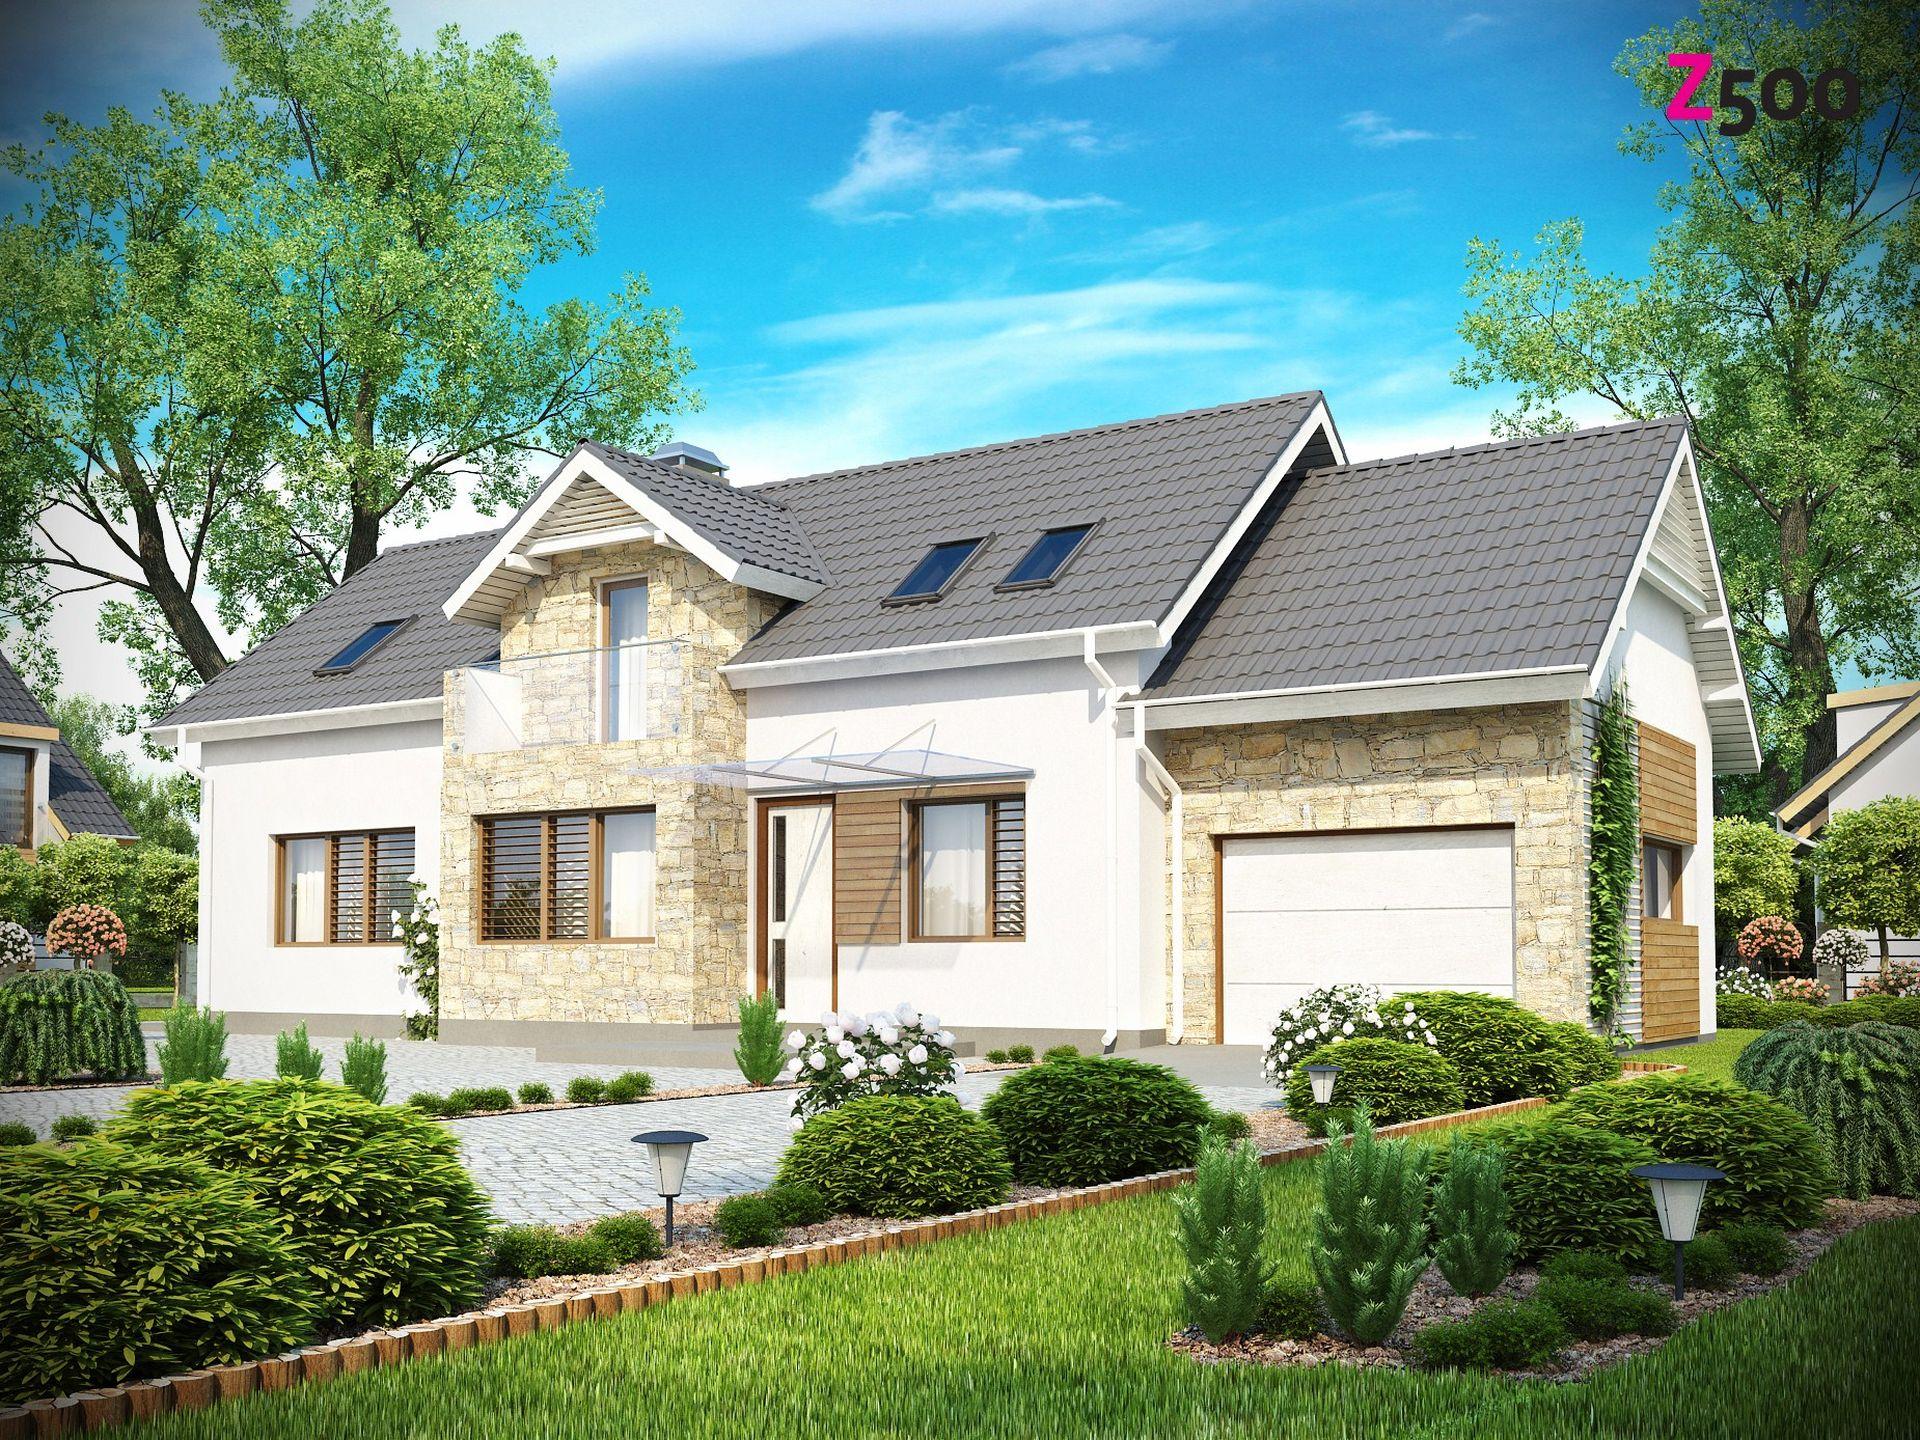 Проект сп 157 - функциональный дом с мансардой.